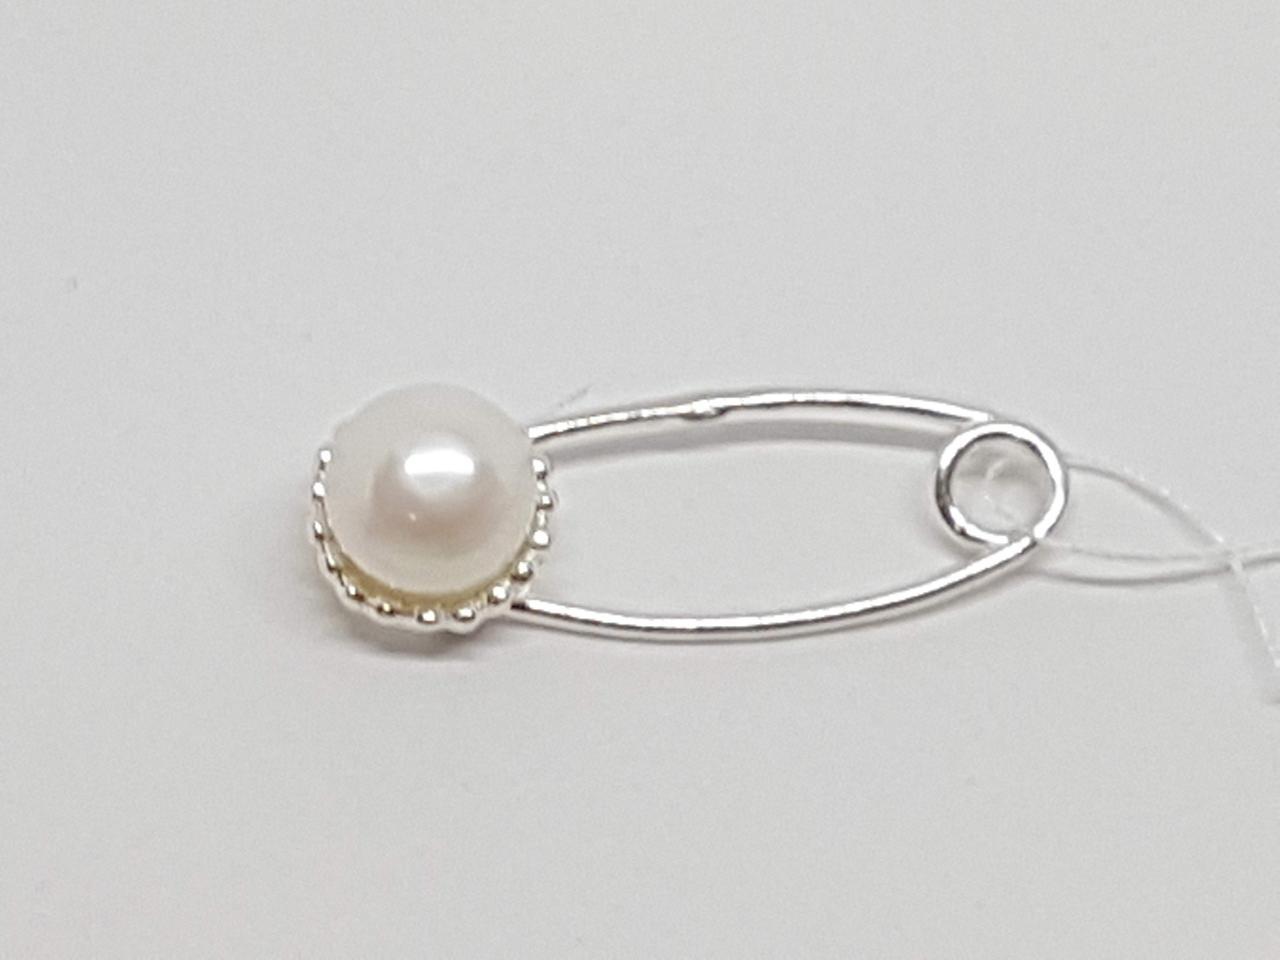 Срібна брошка-шпилька з перлами. Артикул 7048-34